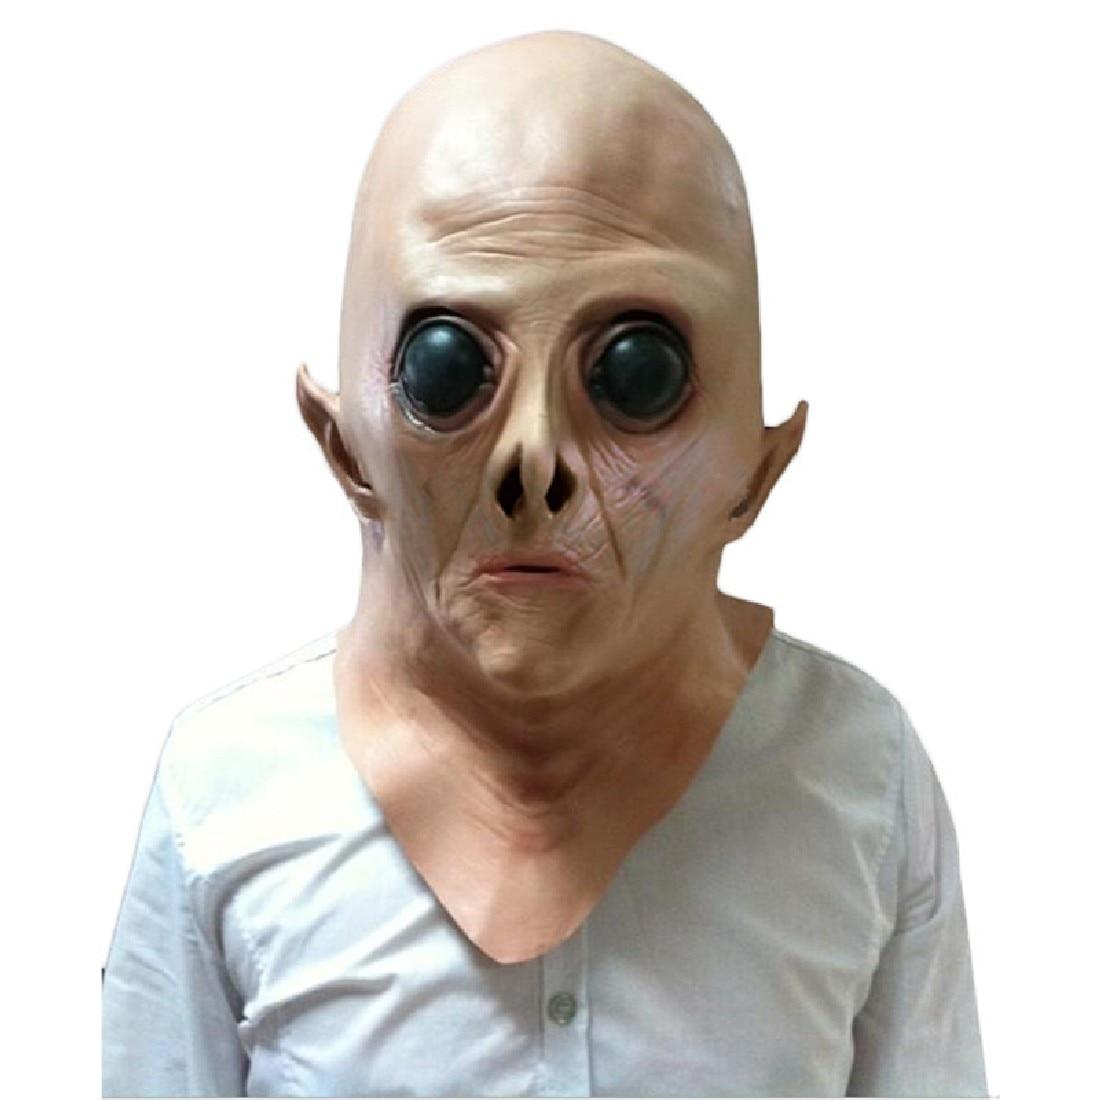 مضحك سيليكون قناع مخيف حزب et الغريبة ufo اضافية الأرضية أقنعة الرعب المطاط اللاتكس الكامل ل